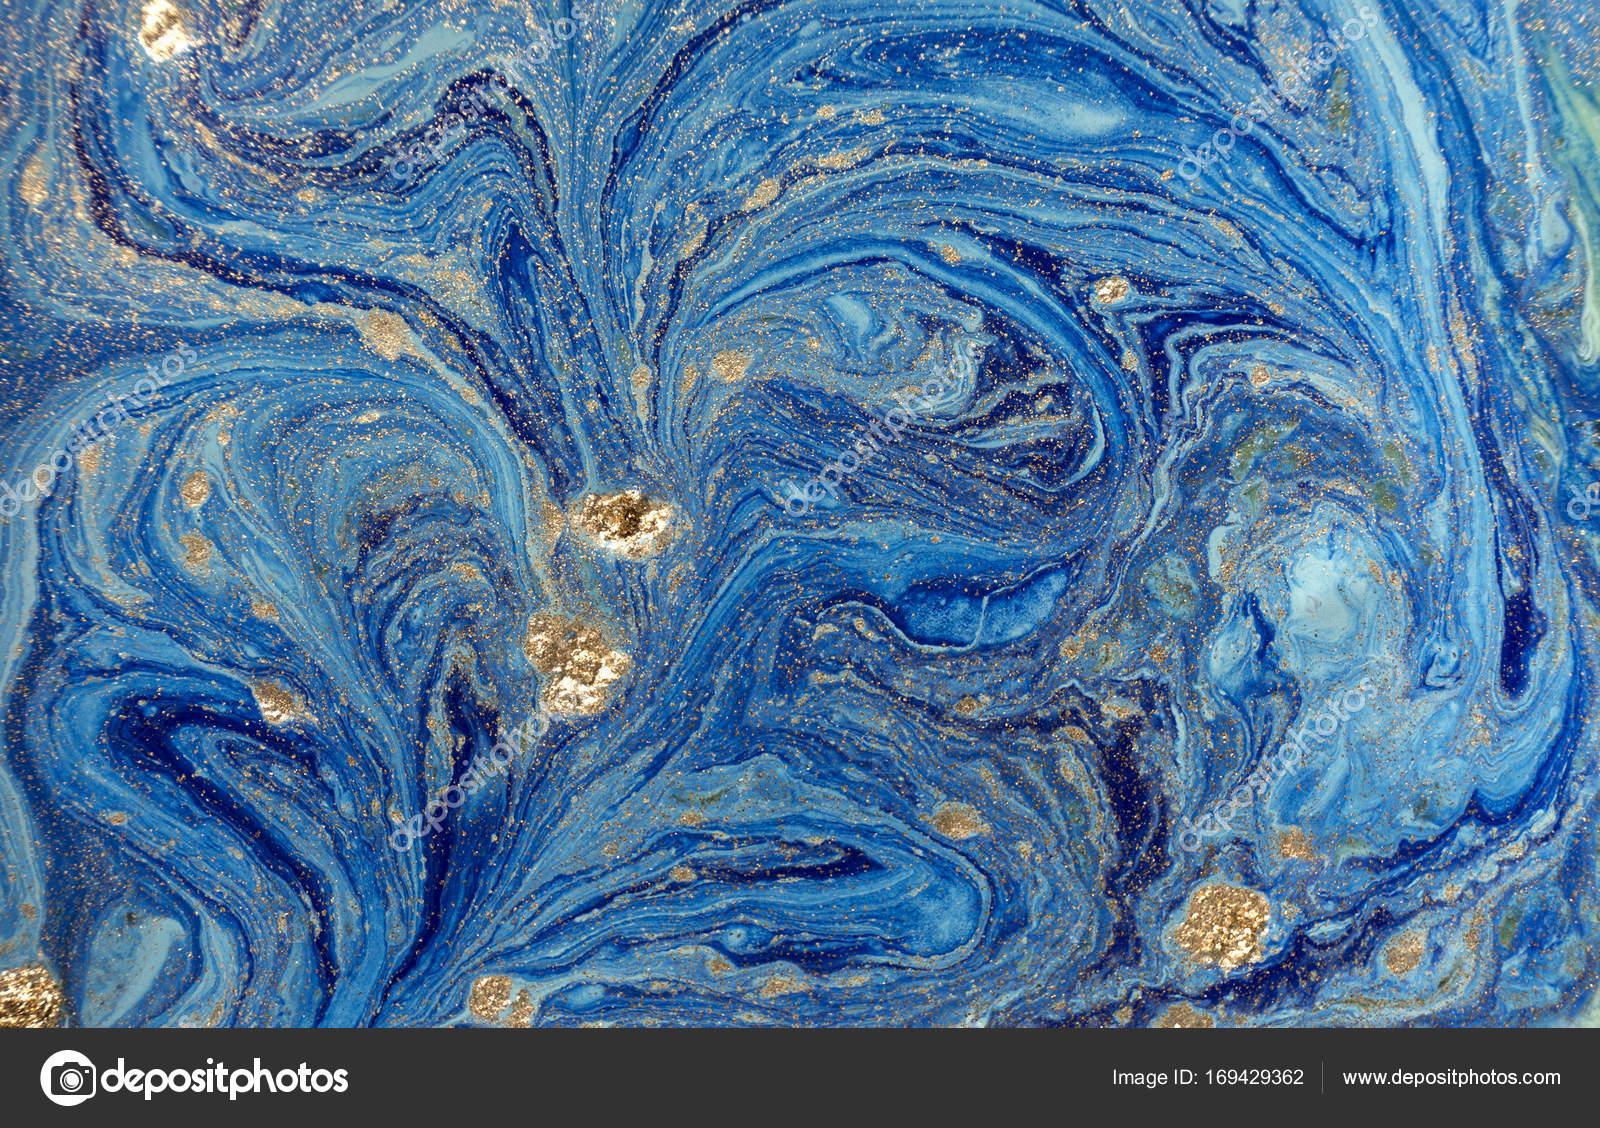 мраморный синий абстрактный фон с золотой блестками жидкие